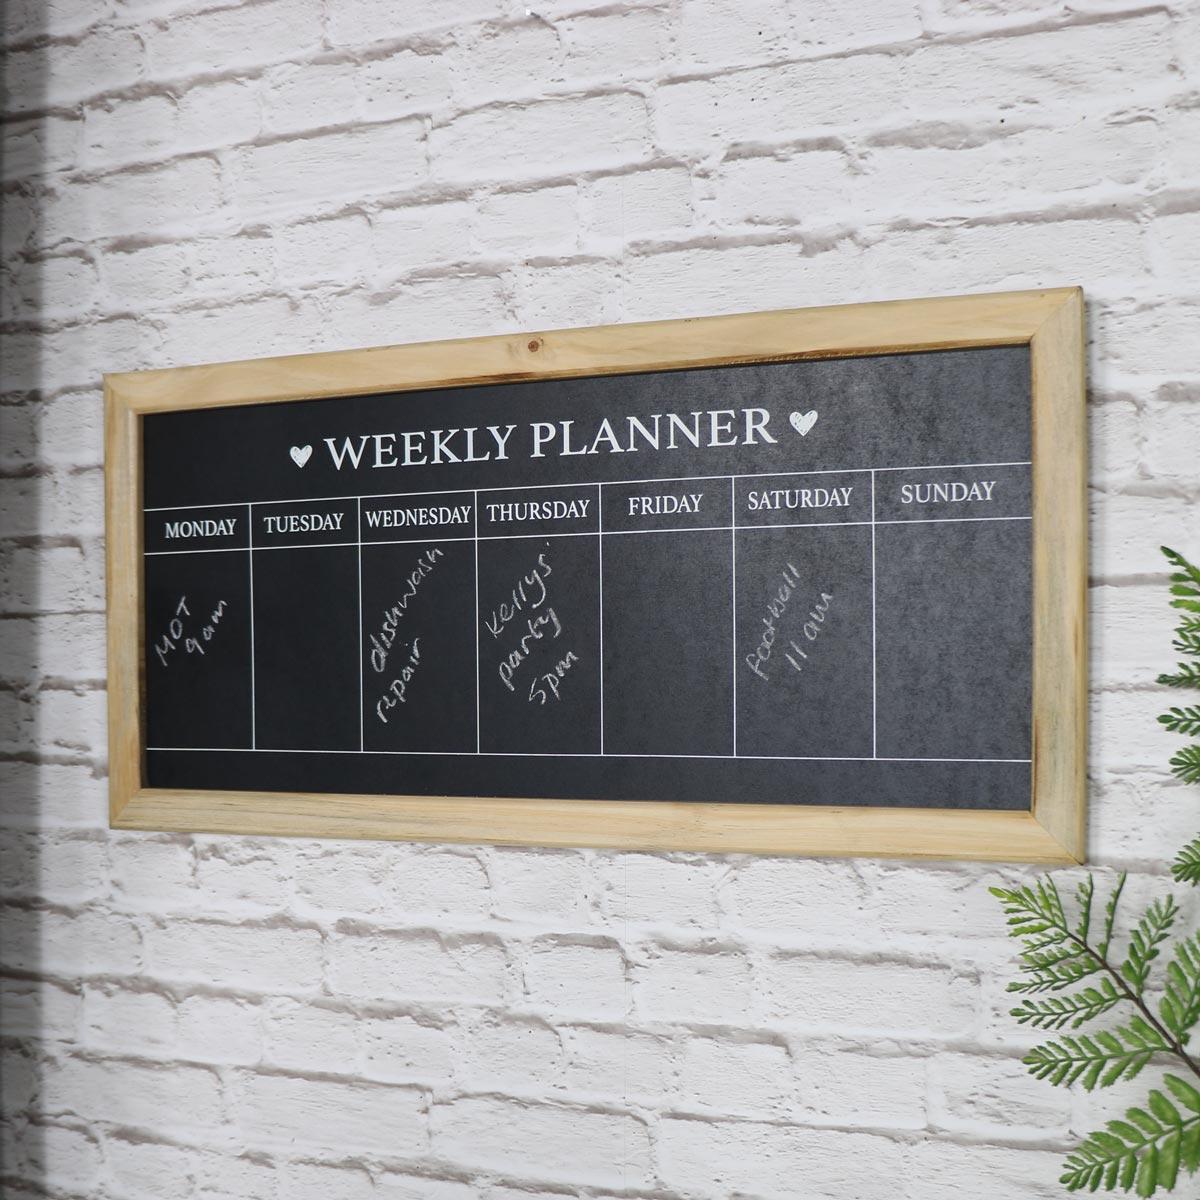 Holzrahmen Tage der Woche Tafel Planer Billig Landhaus Chic Küche | eBay